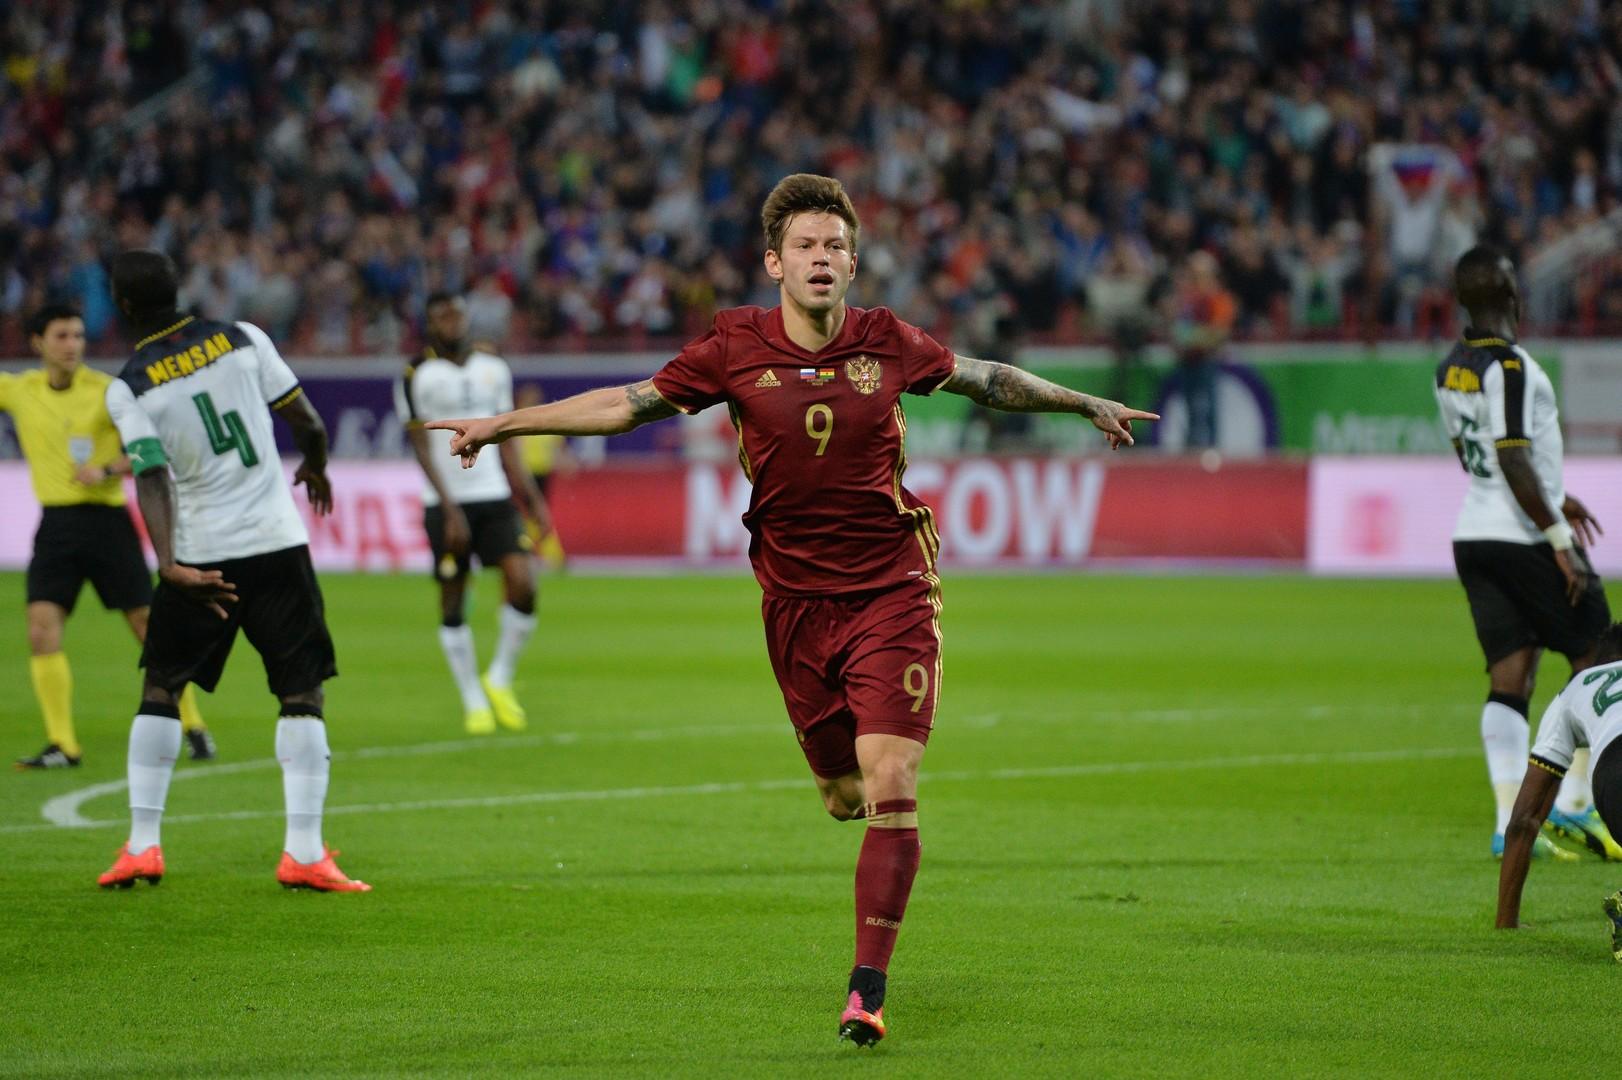 Первая победа Черчесова: футбольная сборная России обыграла Гану в товарищеском матче